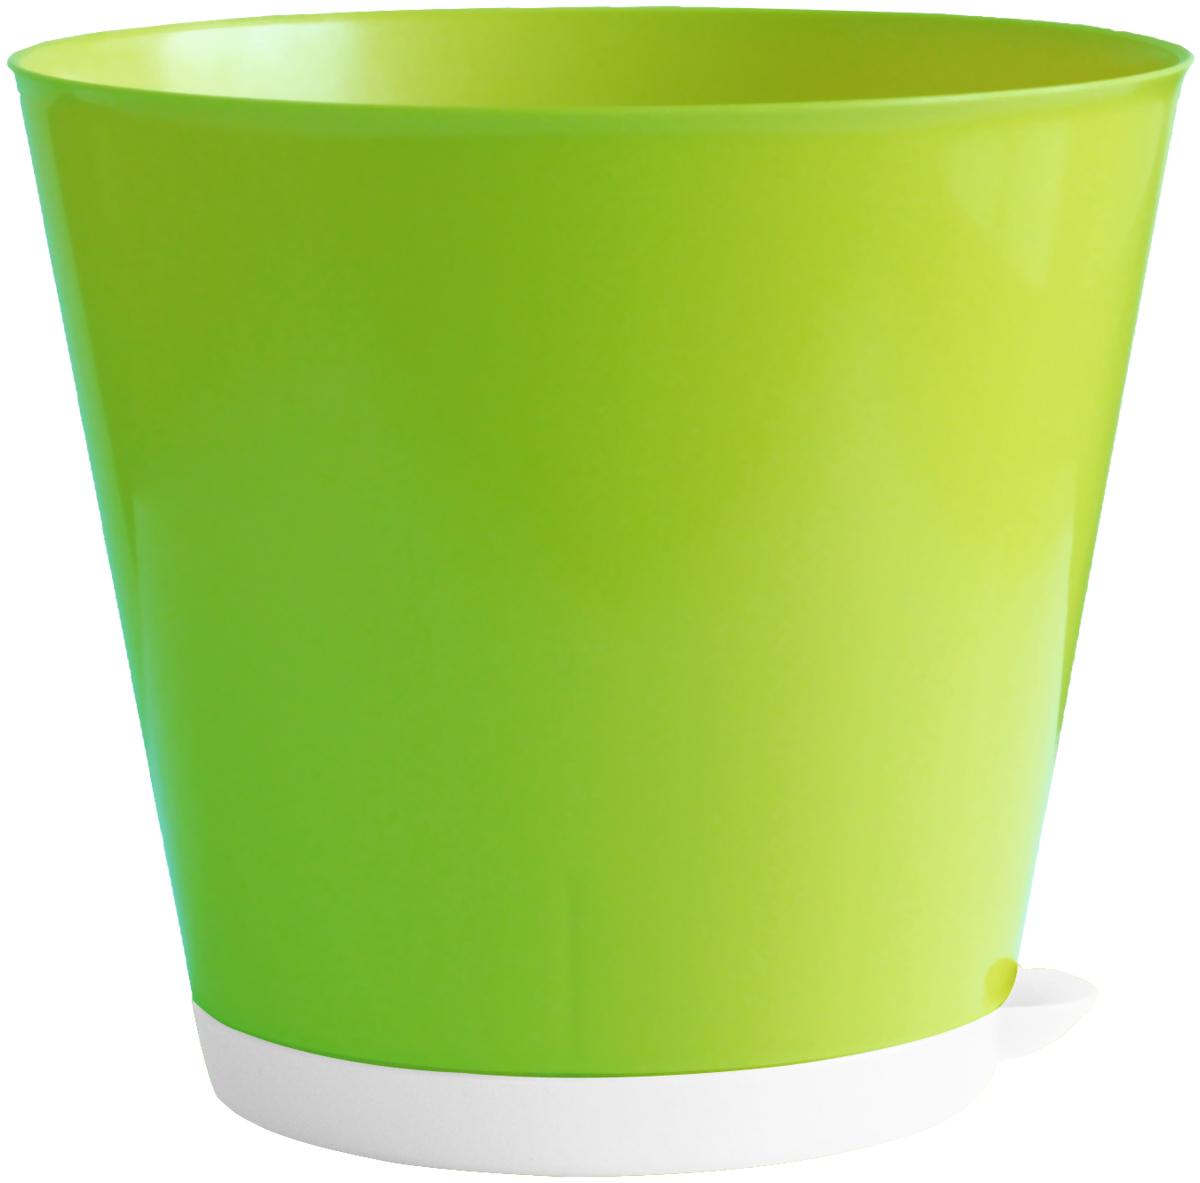 Горшок для цветов InGreen Крит, с системой прикорневого полива, цвет: салатовый, белый, диаметр 12 смING46012СЛ-16РSГоршок InGreen Крит, выполненный из высококачественного пластика, предназначен для выращивания комнатных цветов, растений и трав. Специальная конструкция обеспечивает вентиляцию в корневой системе растения, а дренажные отверстия позволяют выходить лишней влаге из почвы. Крепежные отверстия и штыри прочно крепят подставку к горшку. Прикорневой полив растения осуществляется через удобный носик. Система прикорневого полива позволяет оставлять комнатное растение без внимания тем, кто часто находится в командировках или собирается в отпуск и не имеет возможности вовремя поливать цветы. Такой горшок порадует вас современным дизайном и функциональностью, а также оригинально украсит интерьер любого помещения. Диаметр горшка (по верхнему краю): 12 см. Высота горшка: 11,2 см.